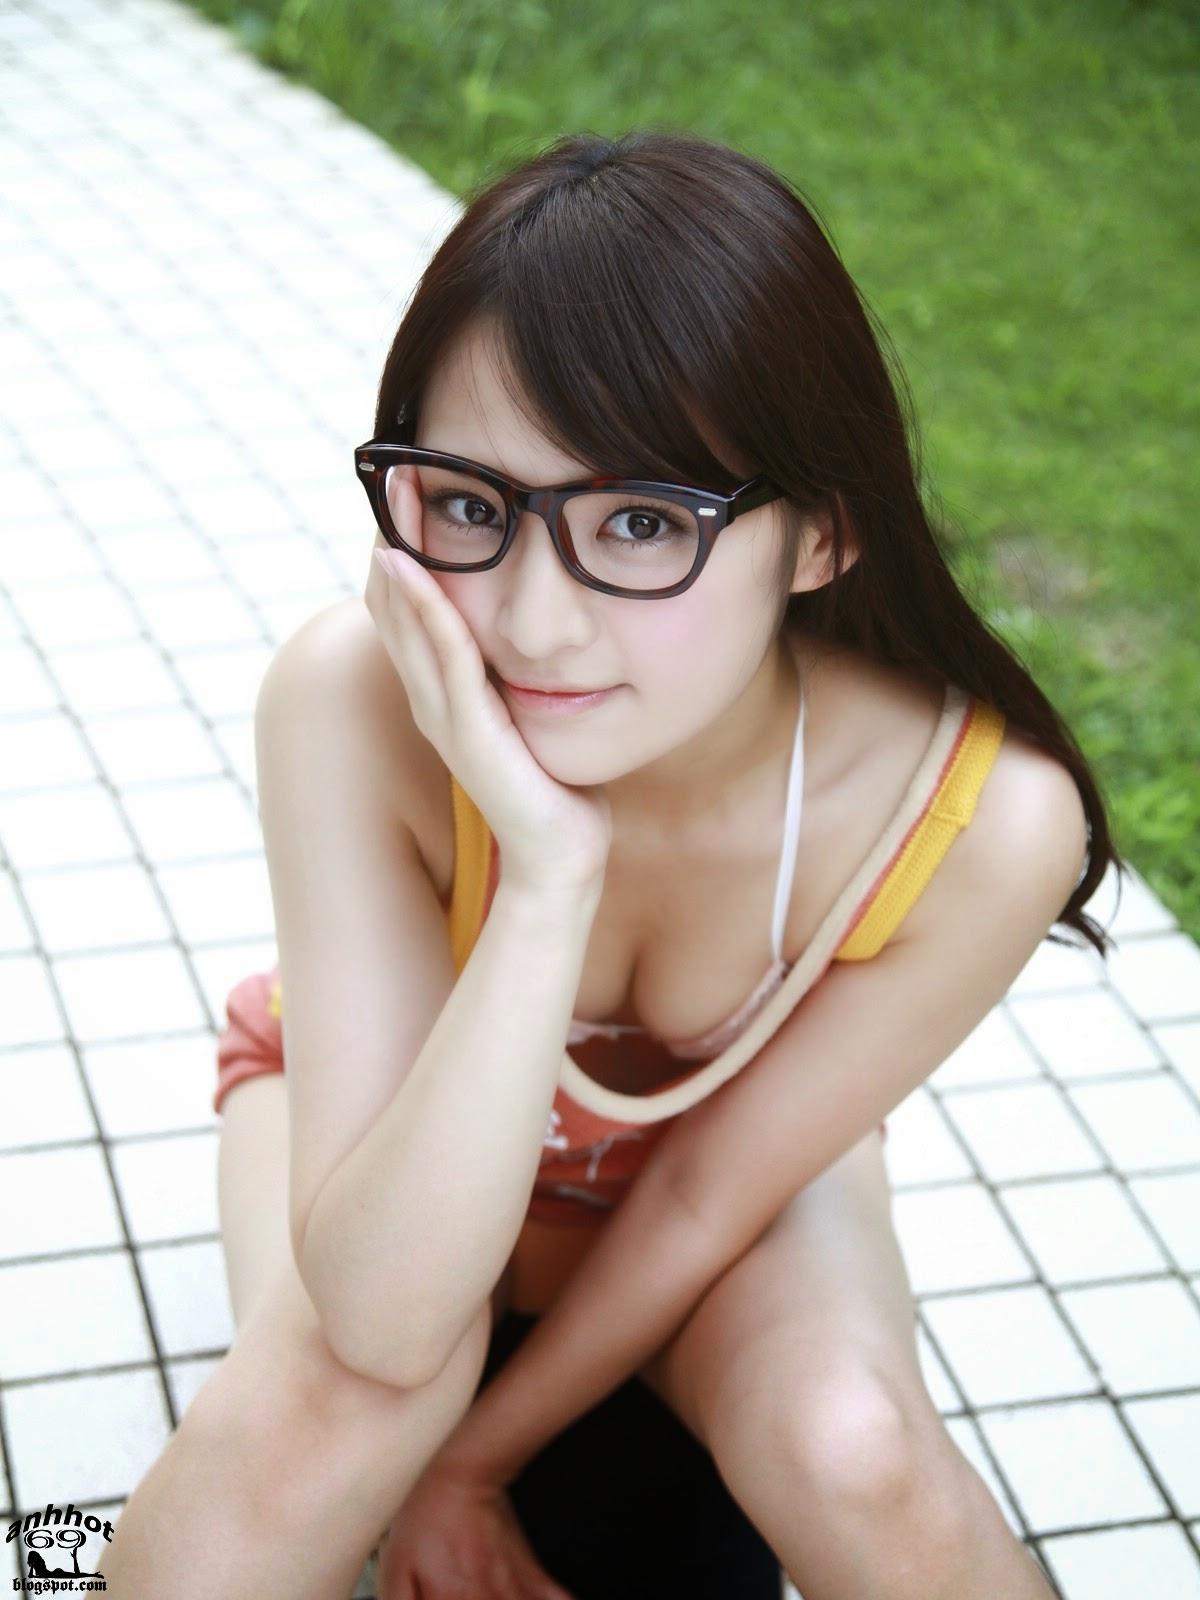 saki-suzuki-01004172